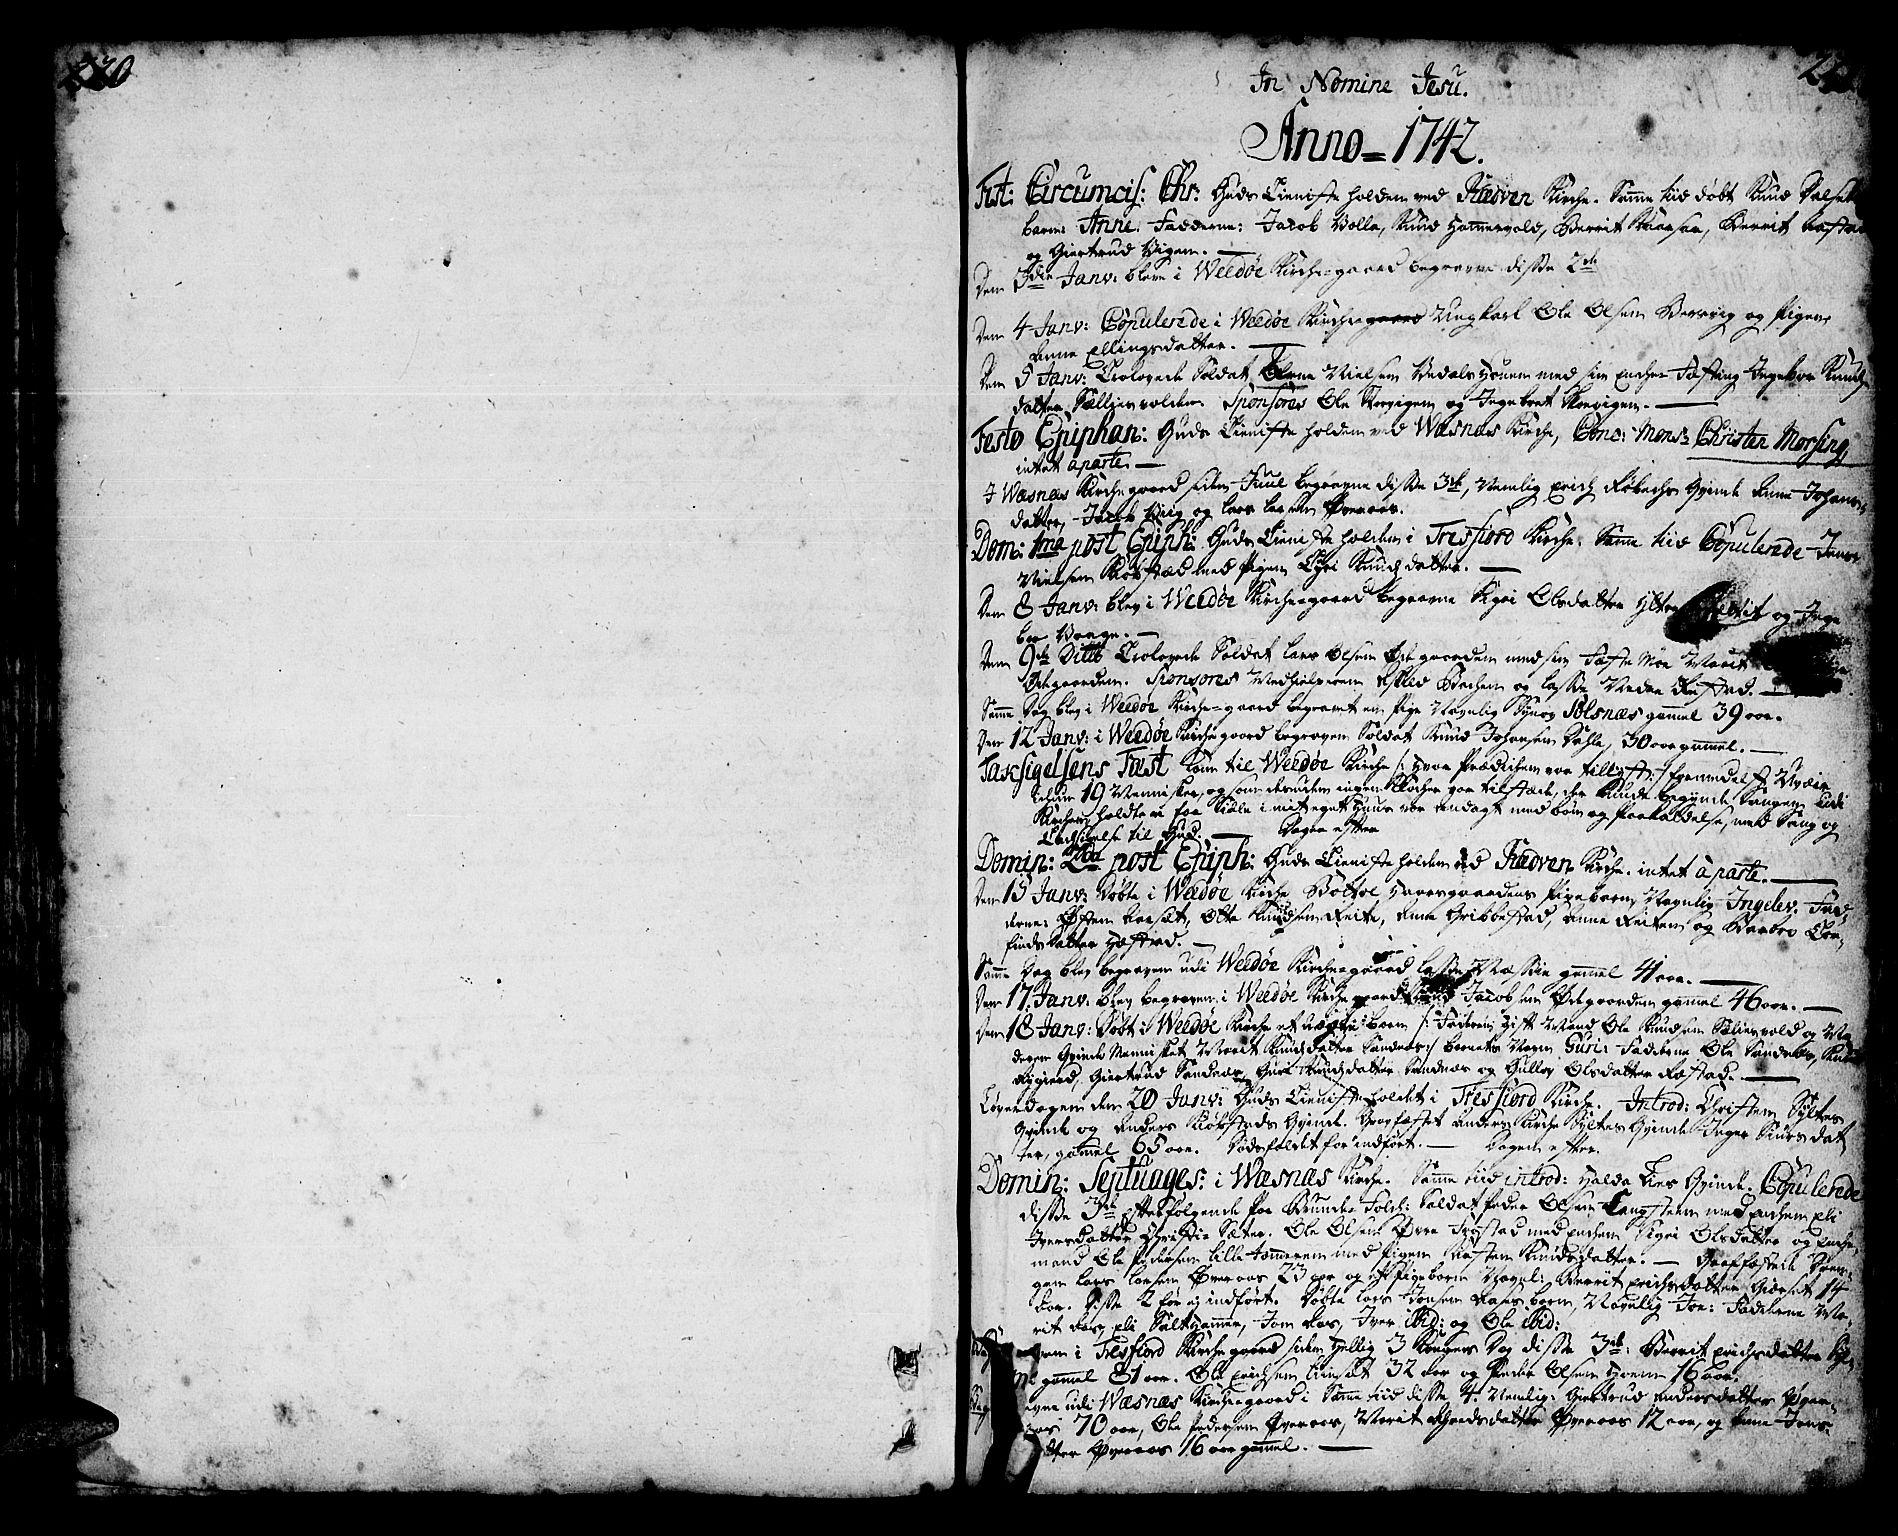 SAT, Ministerialprotokoller, klokkerbøker og fødselsregistre - Møre og Romsdal, 547/L0599: Ministerialbok nr. 547A01, 1721-1764, s. 220-221